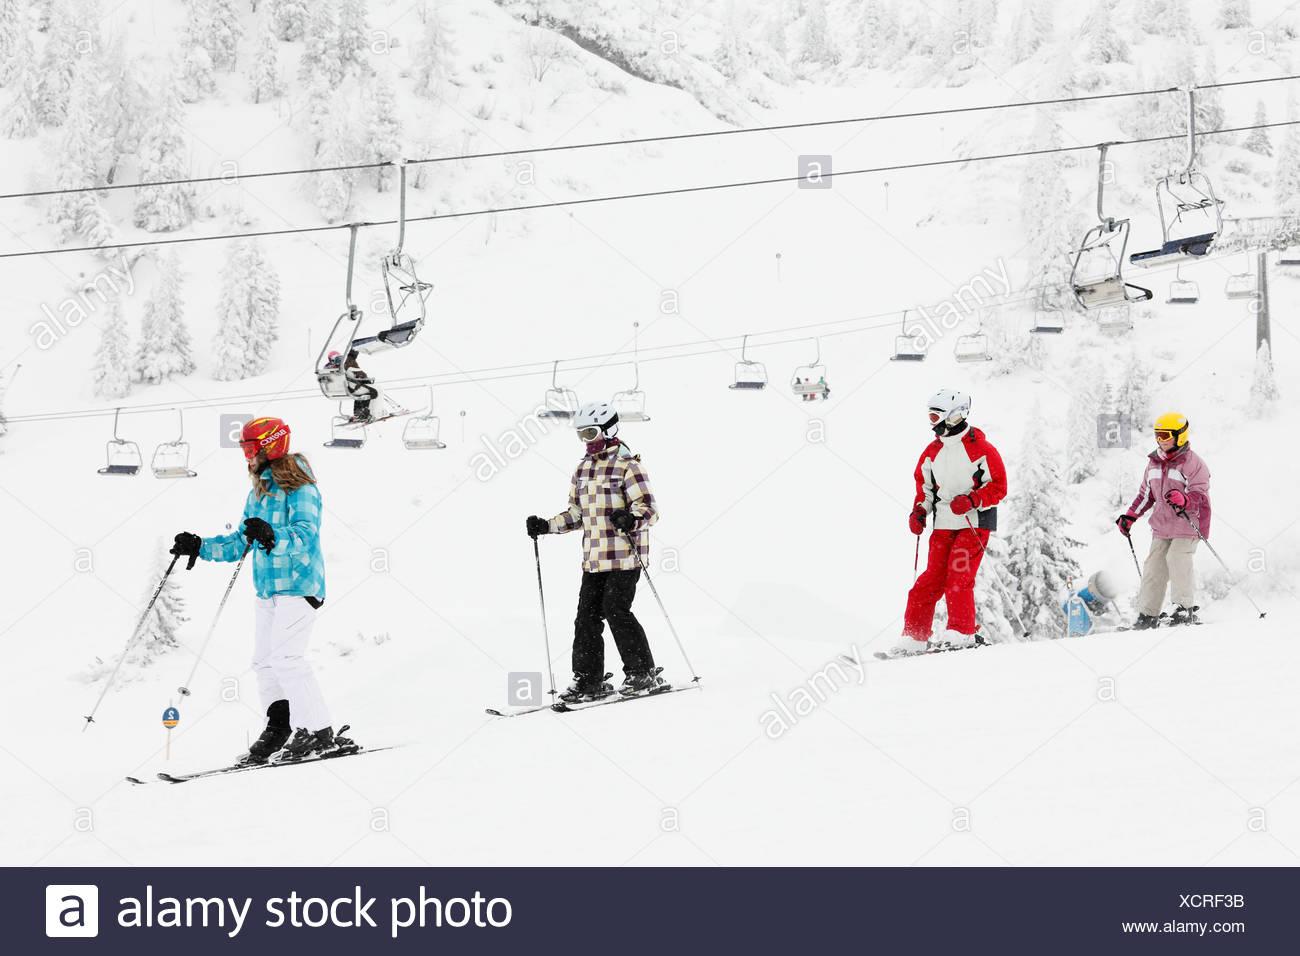 Hochkar ski resort near Goestling an der Ybbs, Mostviertel, Must Quarter, Lower Austria, Austria, Europe Stock Photo